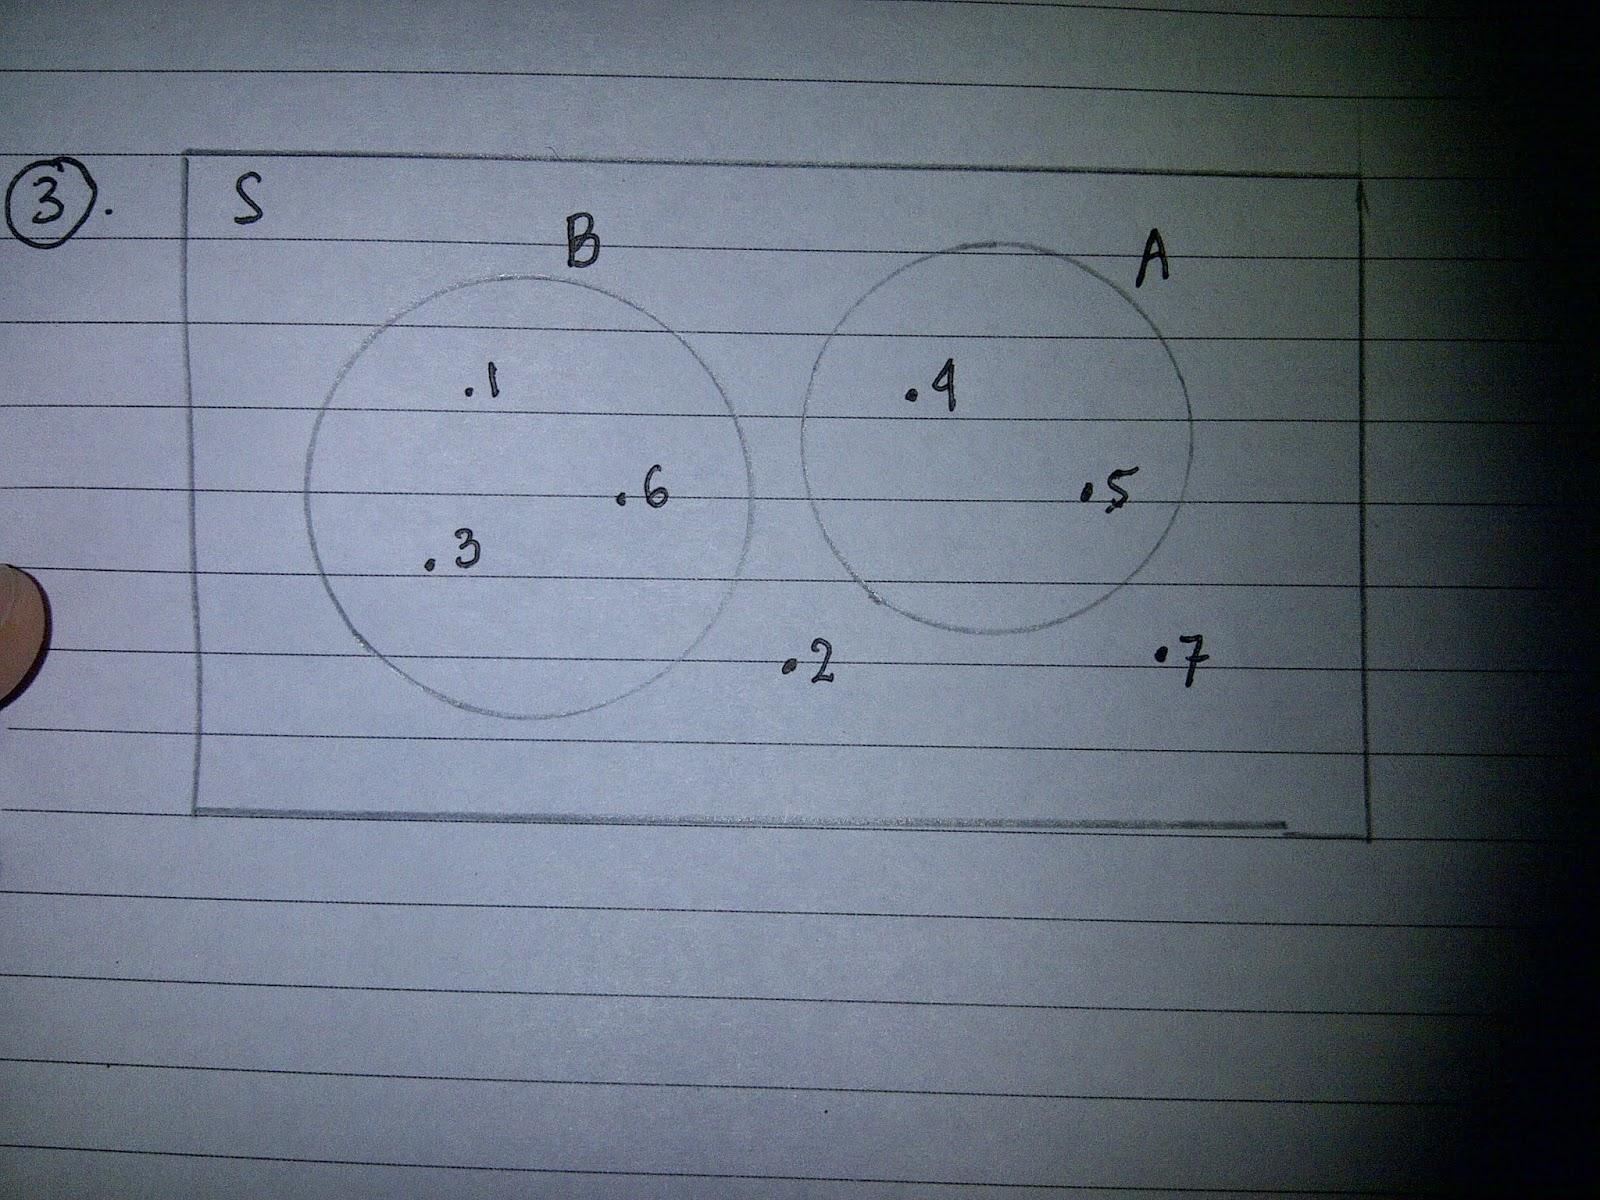 About me tugas 9 diagram venn dan bilangan kunci b dari 25 siswa 10 orang gemar melukis 17 orang gemar mengarang dan 6 orang tidak gemar kedua duanya jumlah siswa yang gemar kedua duanya adalah ccuart Image collections